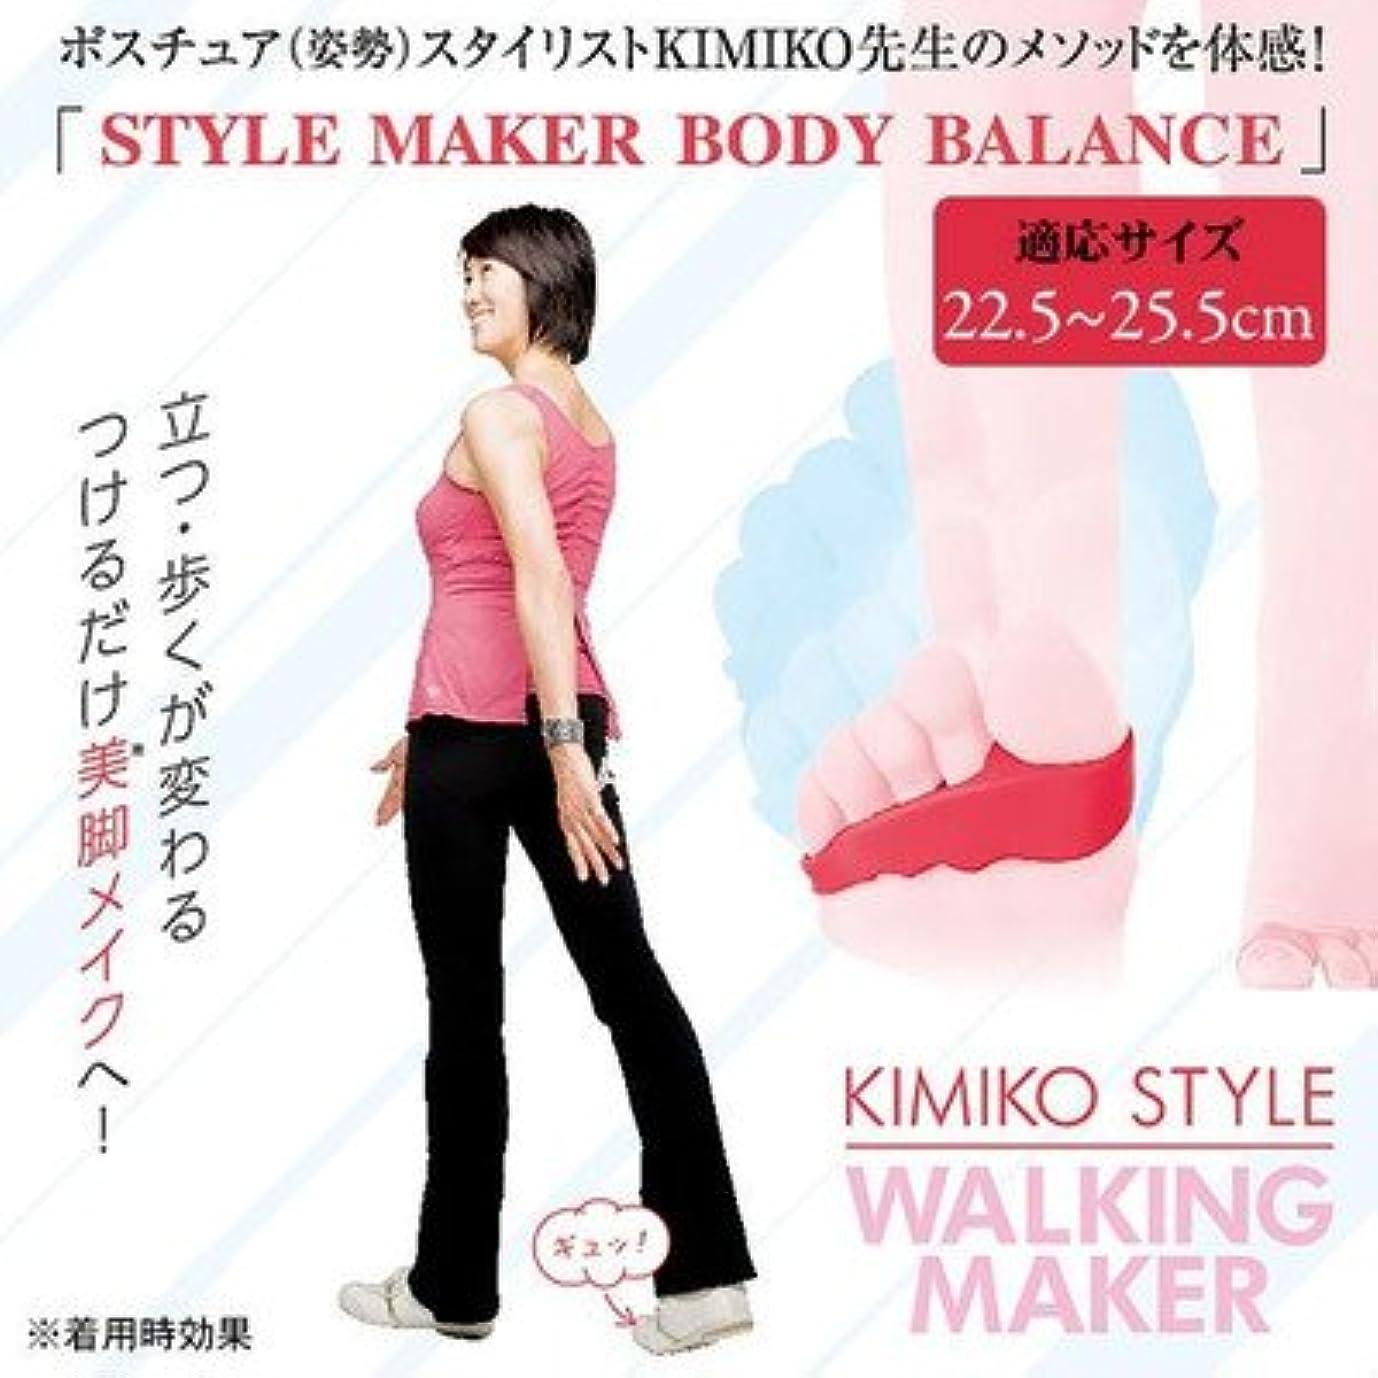 ディスク毛皮失望させる付けて歩いて 正しい歩行姿勢へナビゲート KIMIKO STYLE キミコスタイル WALKING MAKER ウォーキングメーカー 1足入